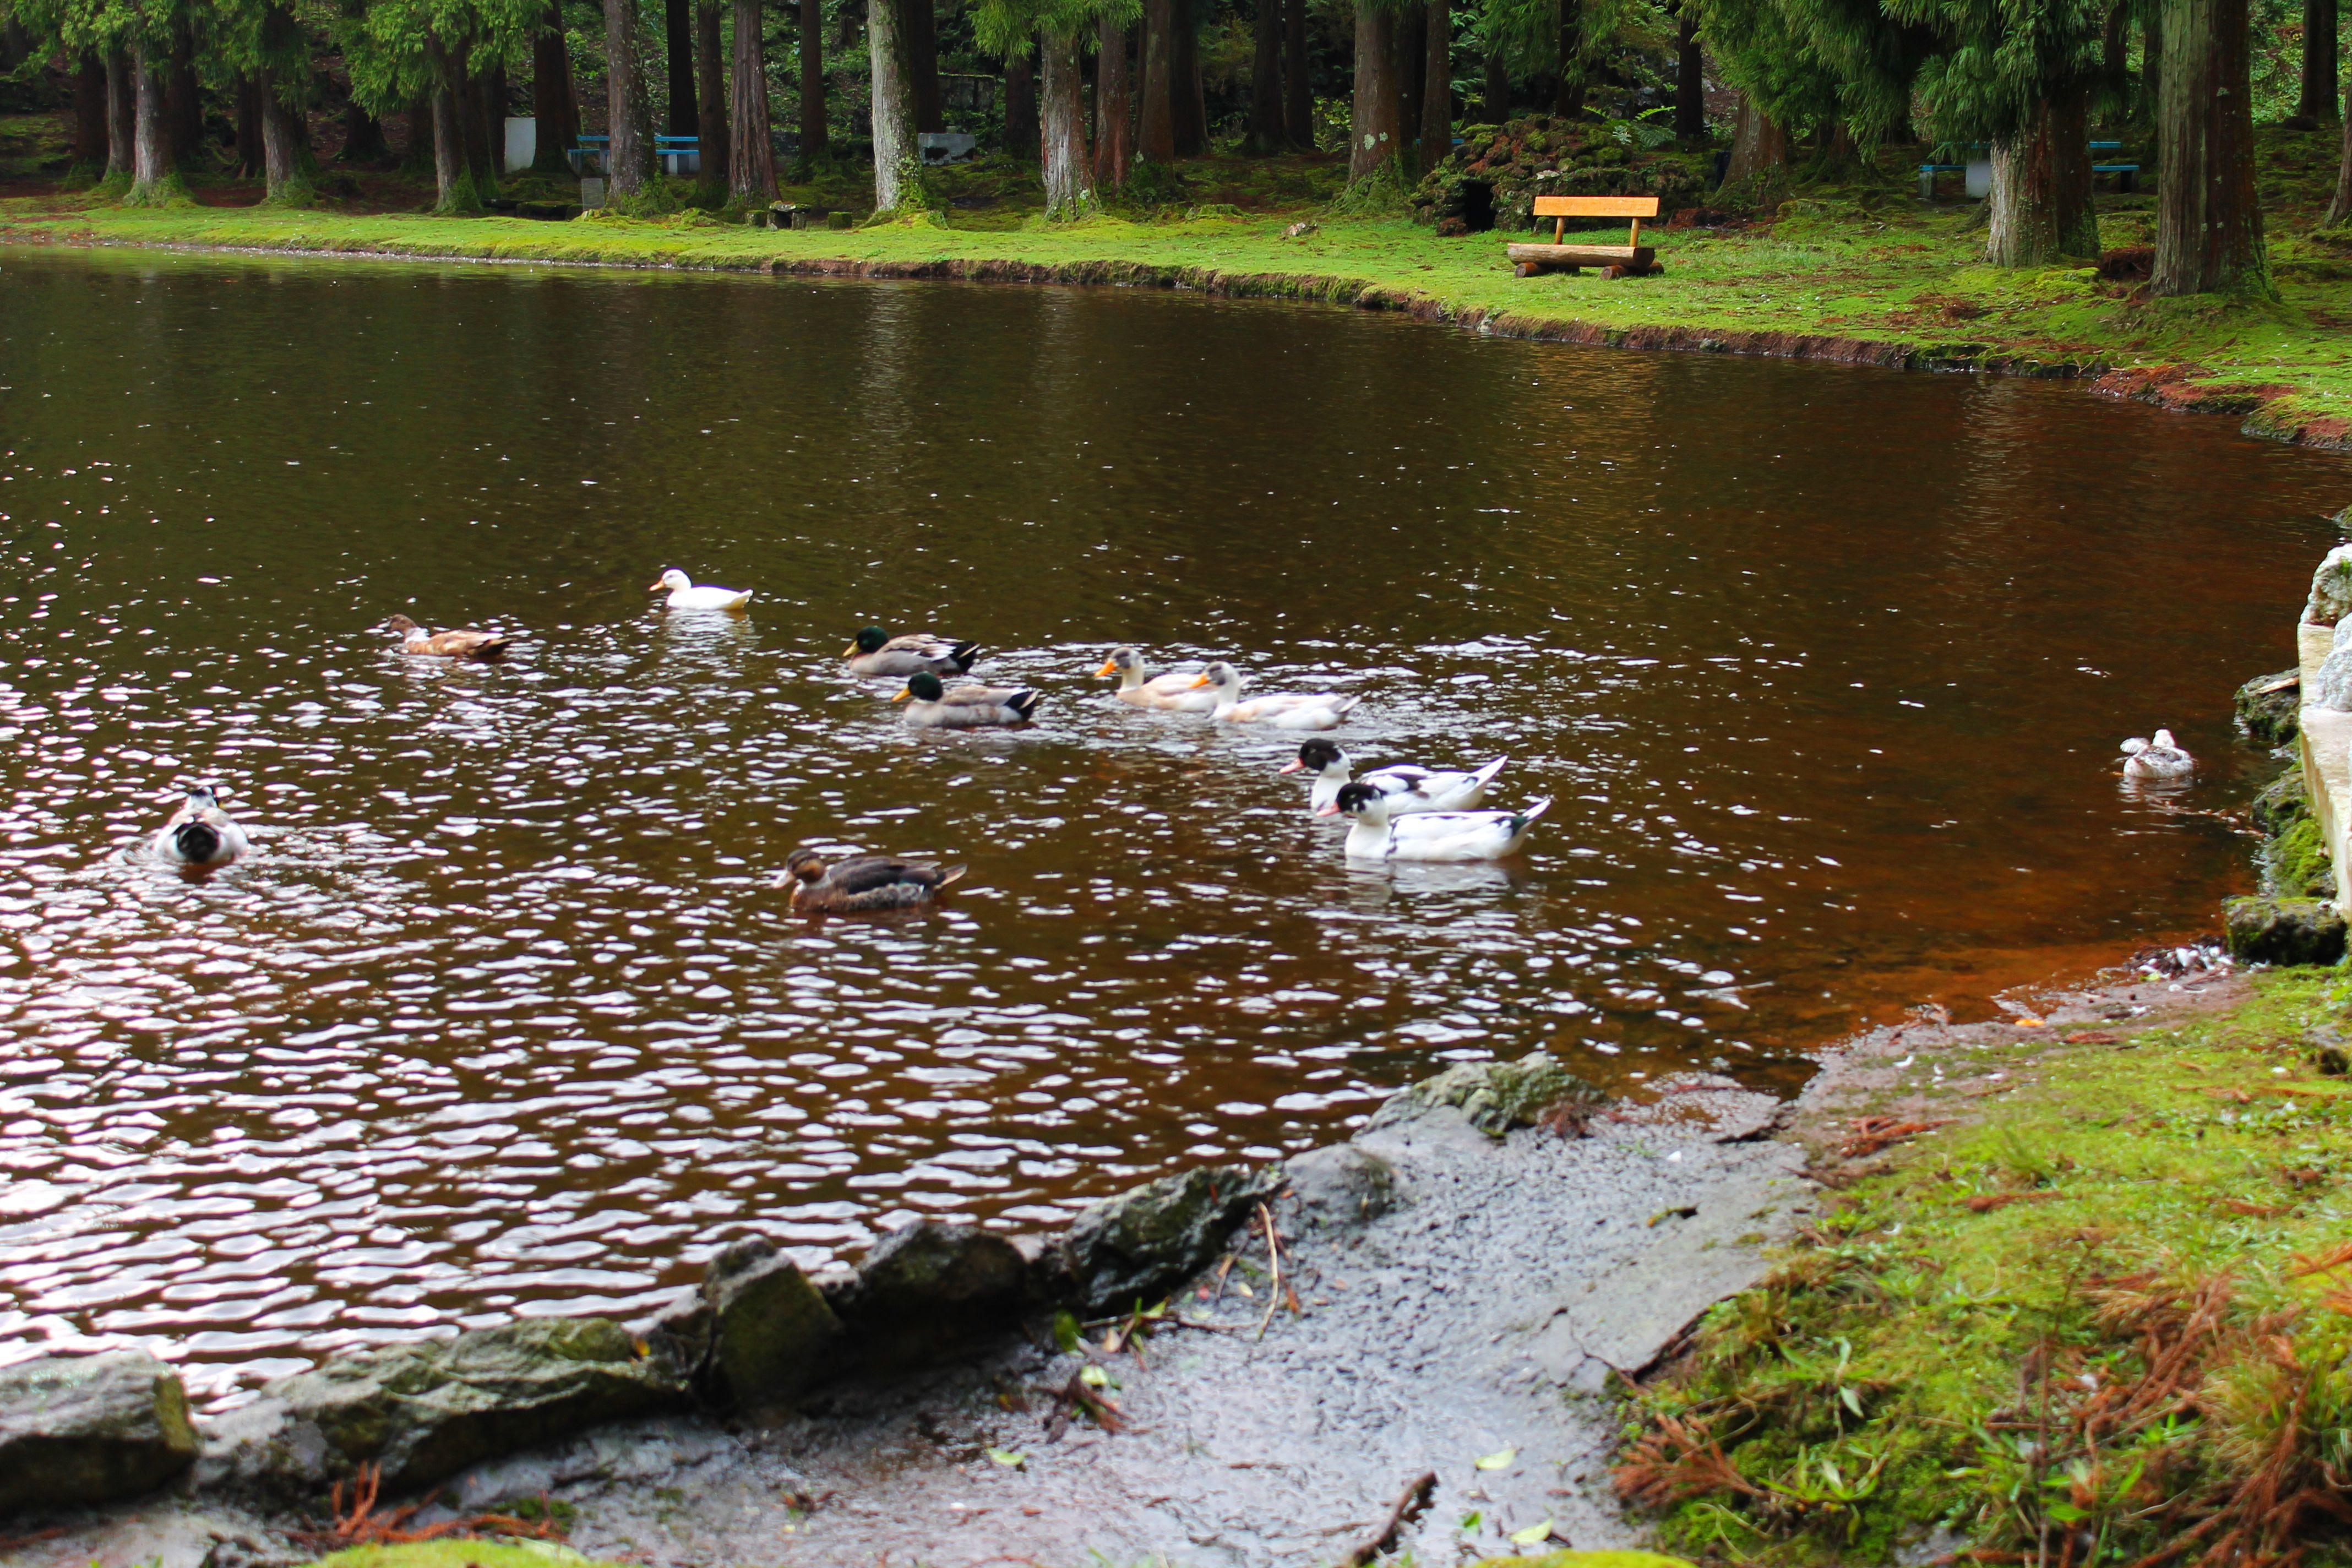 11 Ducks a Quacking